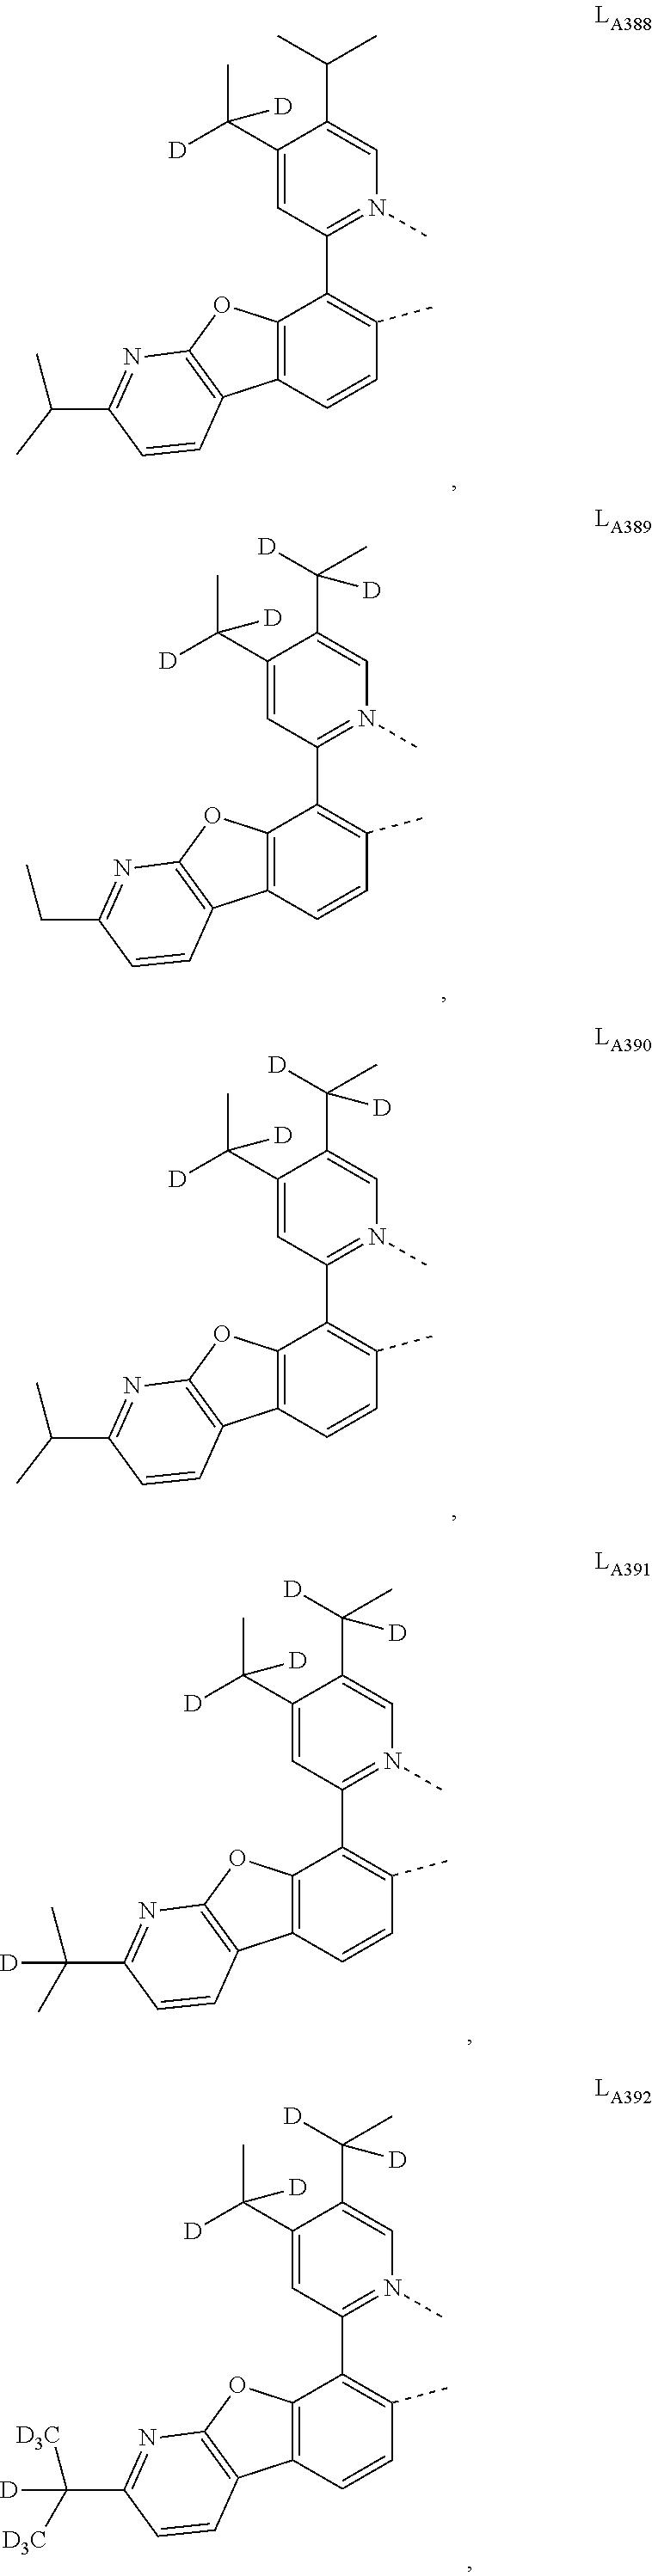 Figure US20160049599A1-20160218-C00484